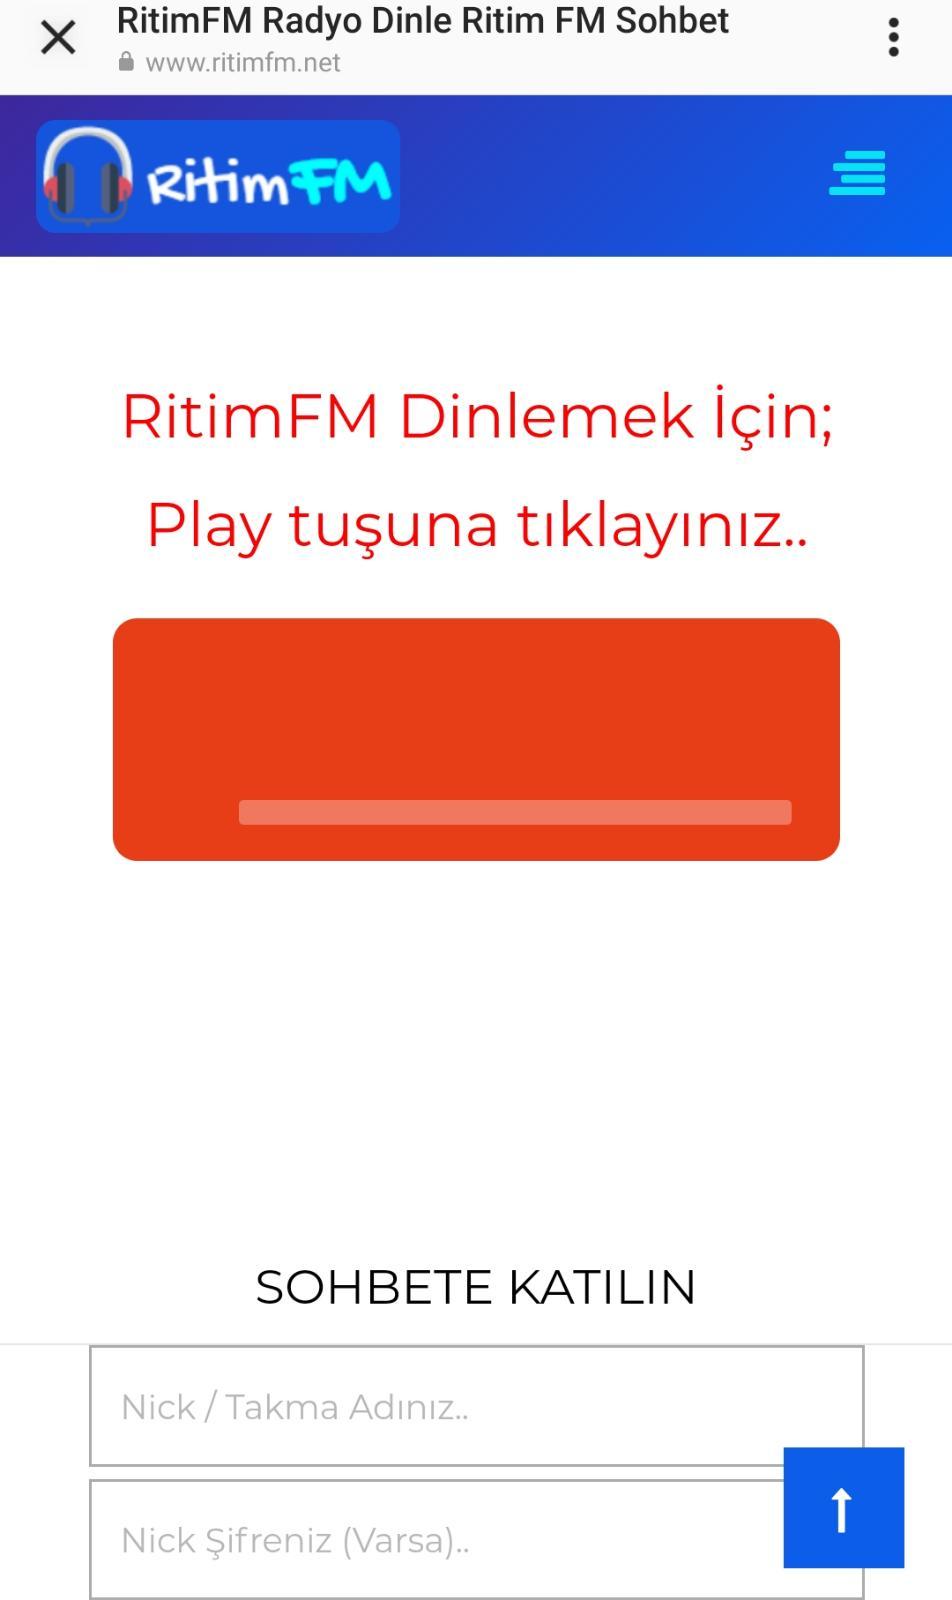 Zerrin Özer ve Ömer Topçu'nun Kariyerini Selahattin Erhan Mı Baltalıyor?